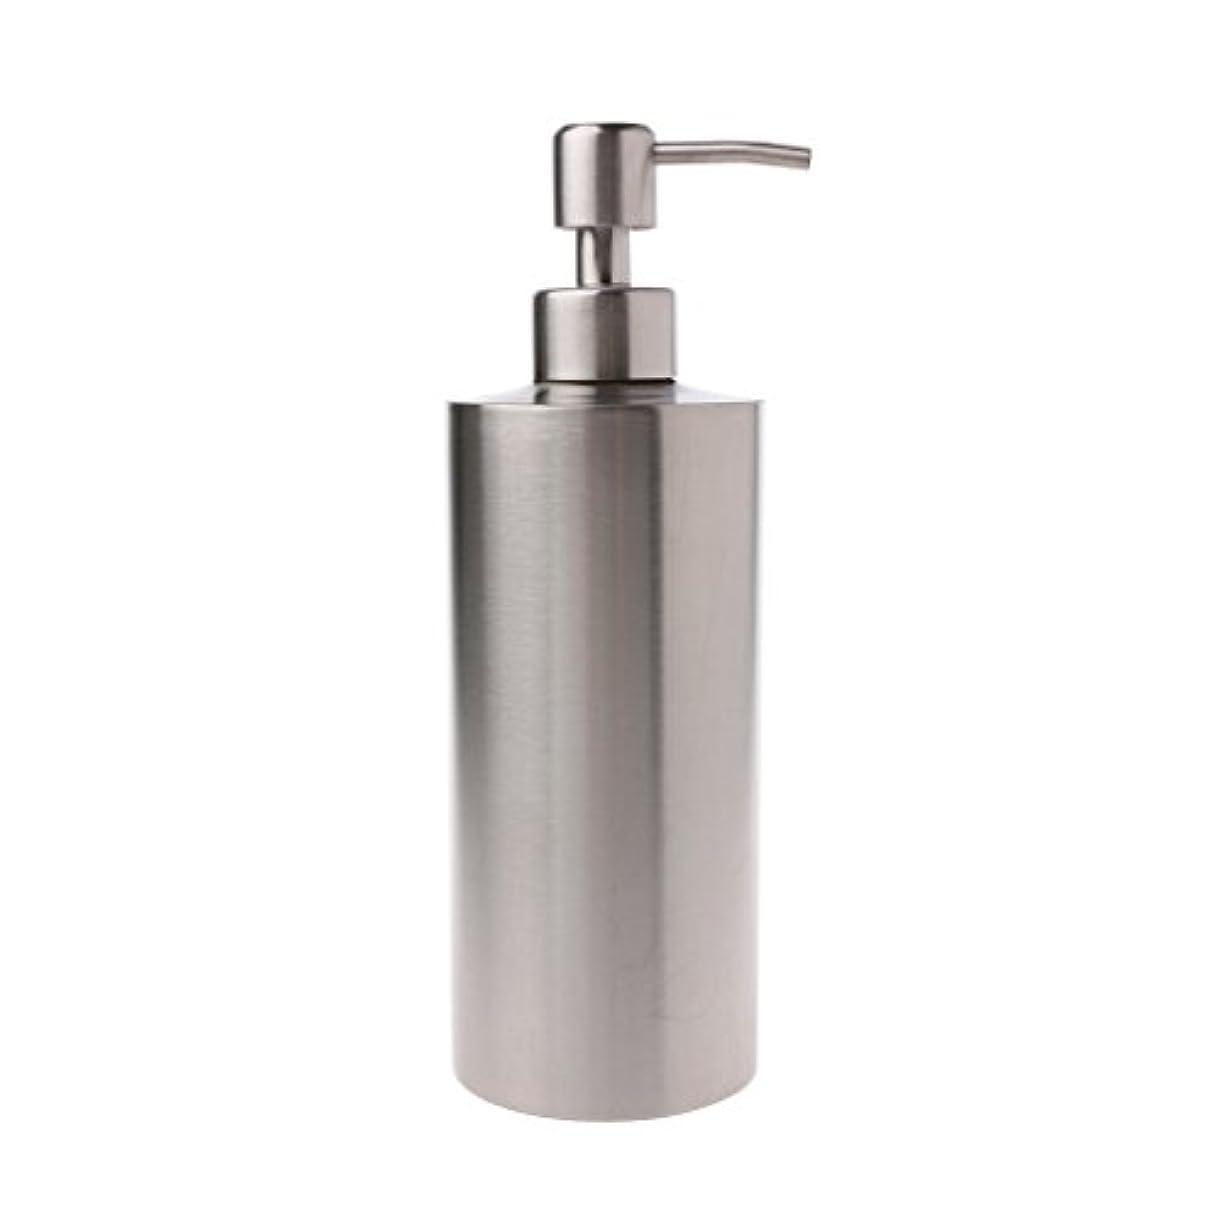 弱める不合格四分円Lamdoo 304ステンレス鋼ポンプ液体石鹸ローションディスペンサーボトルキッチンバスルーム